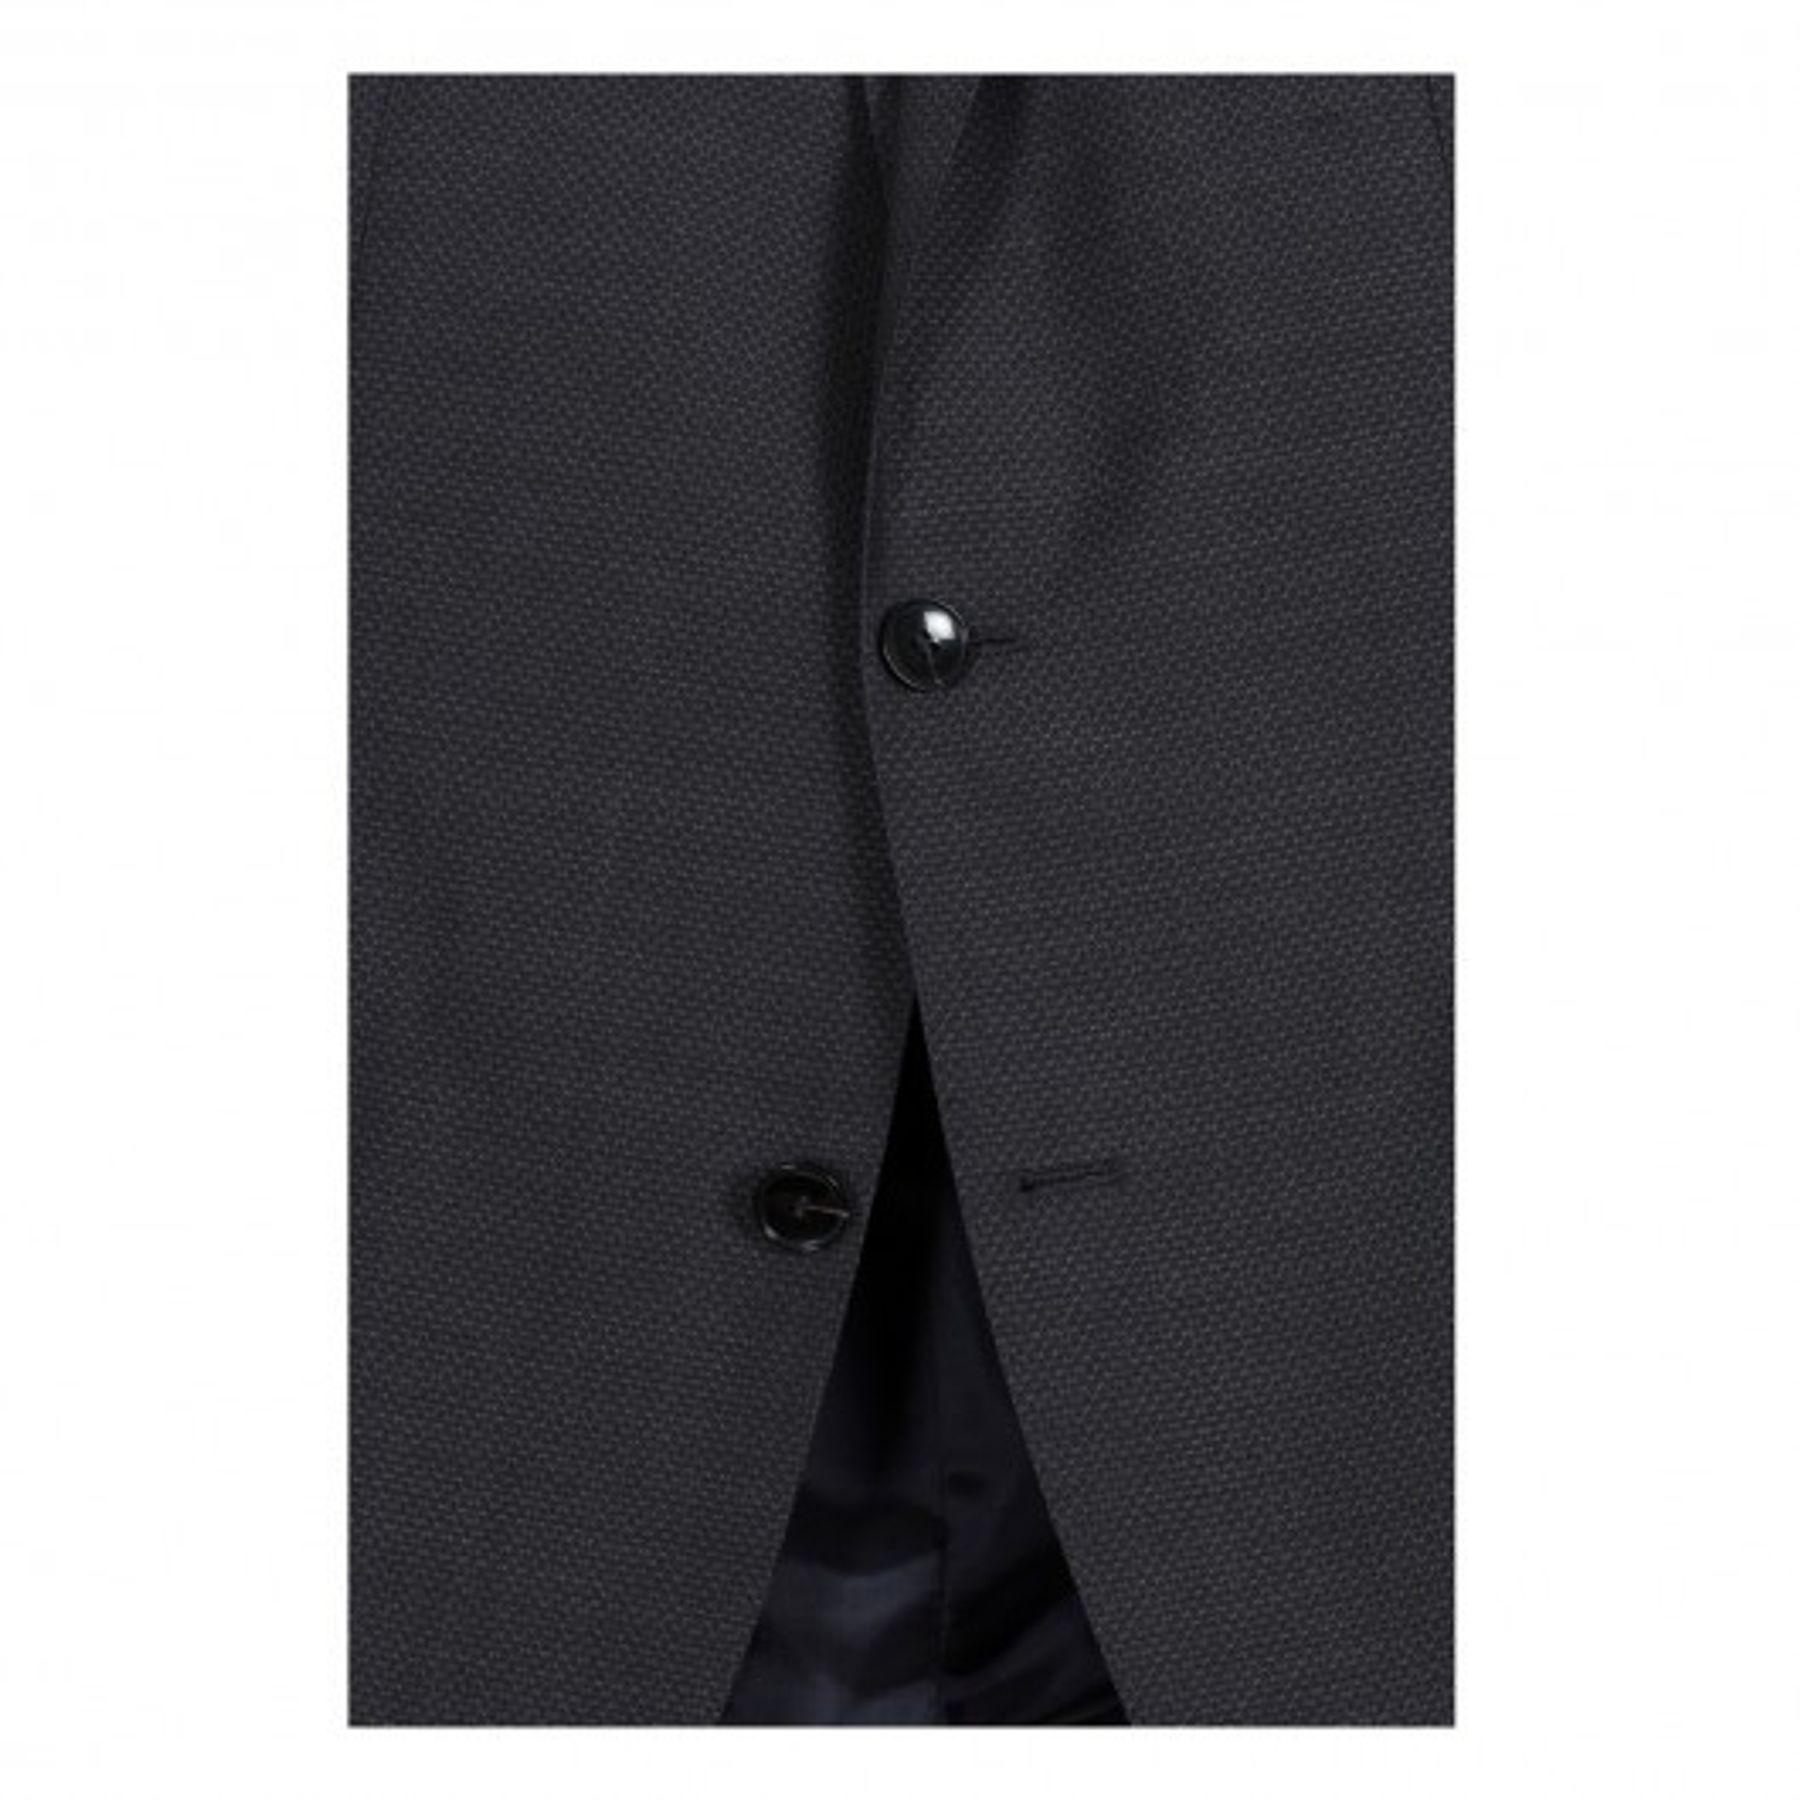 Benvenuto Black - Modern Fit - Herren Baukasten Sakko in Anthrazit aus Super 100'S Schurwolle, Romeo (20807, Modell: 62100) – Bild 3